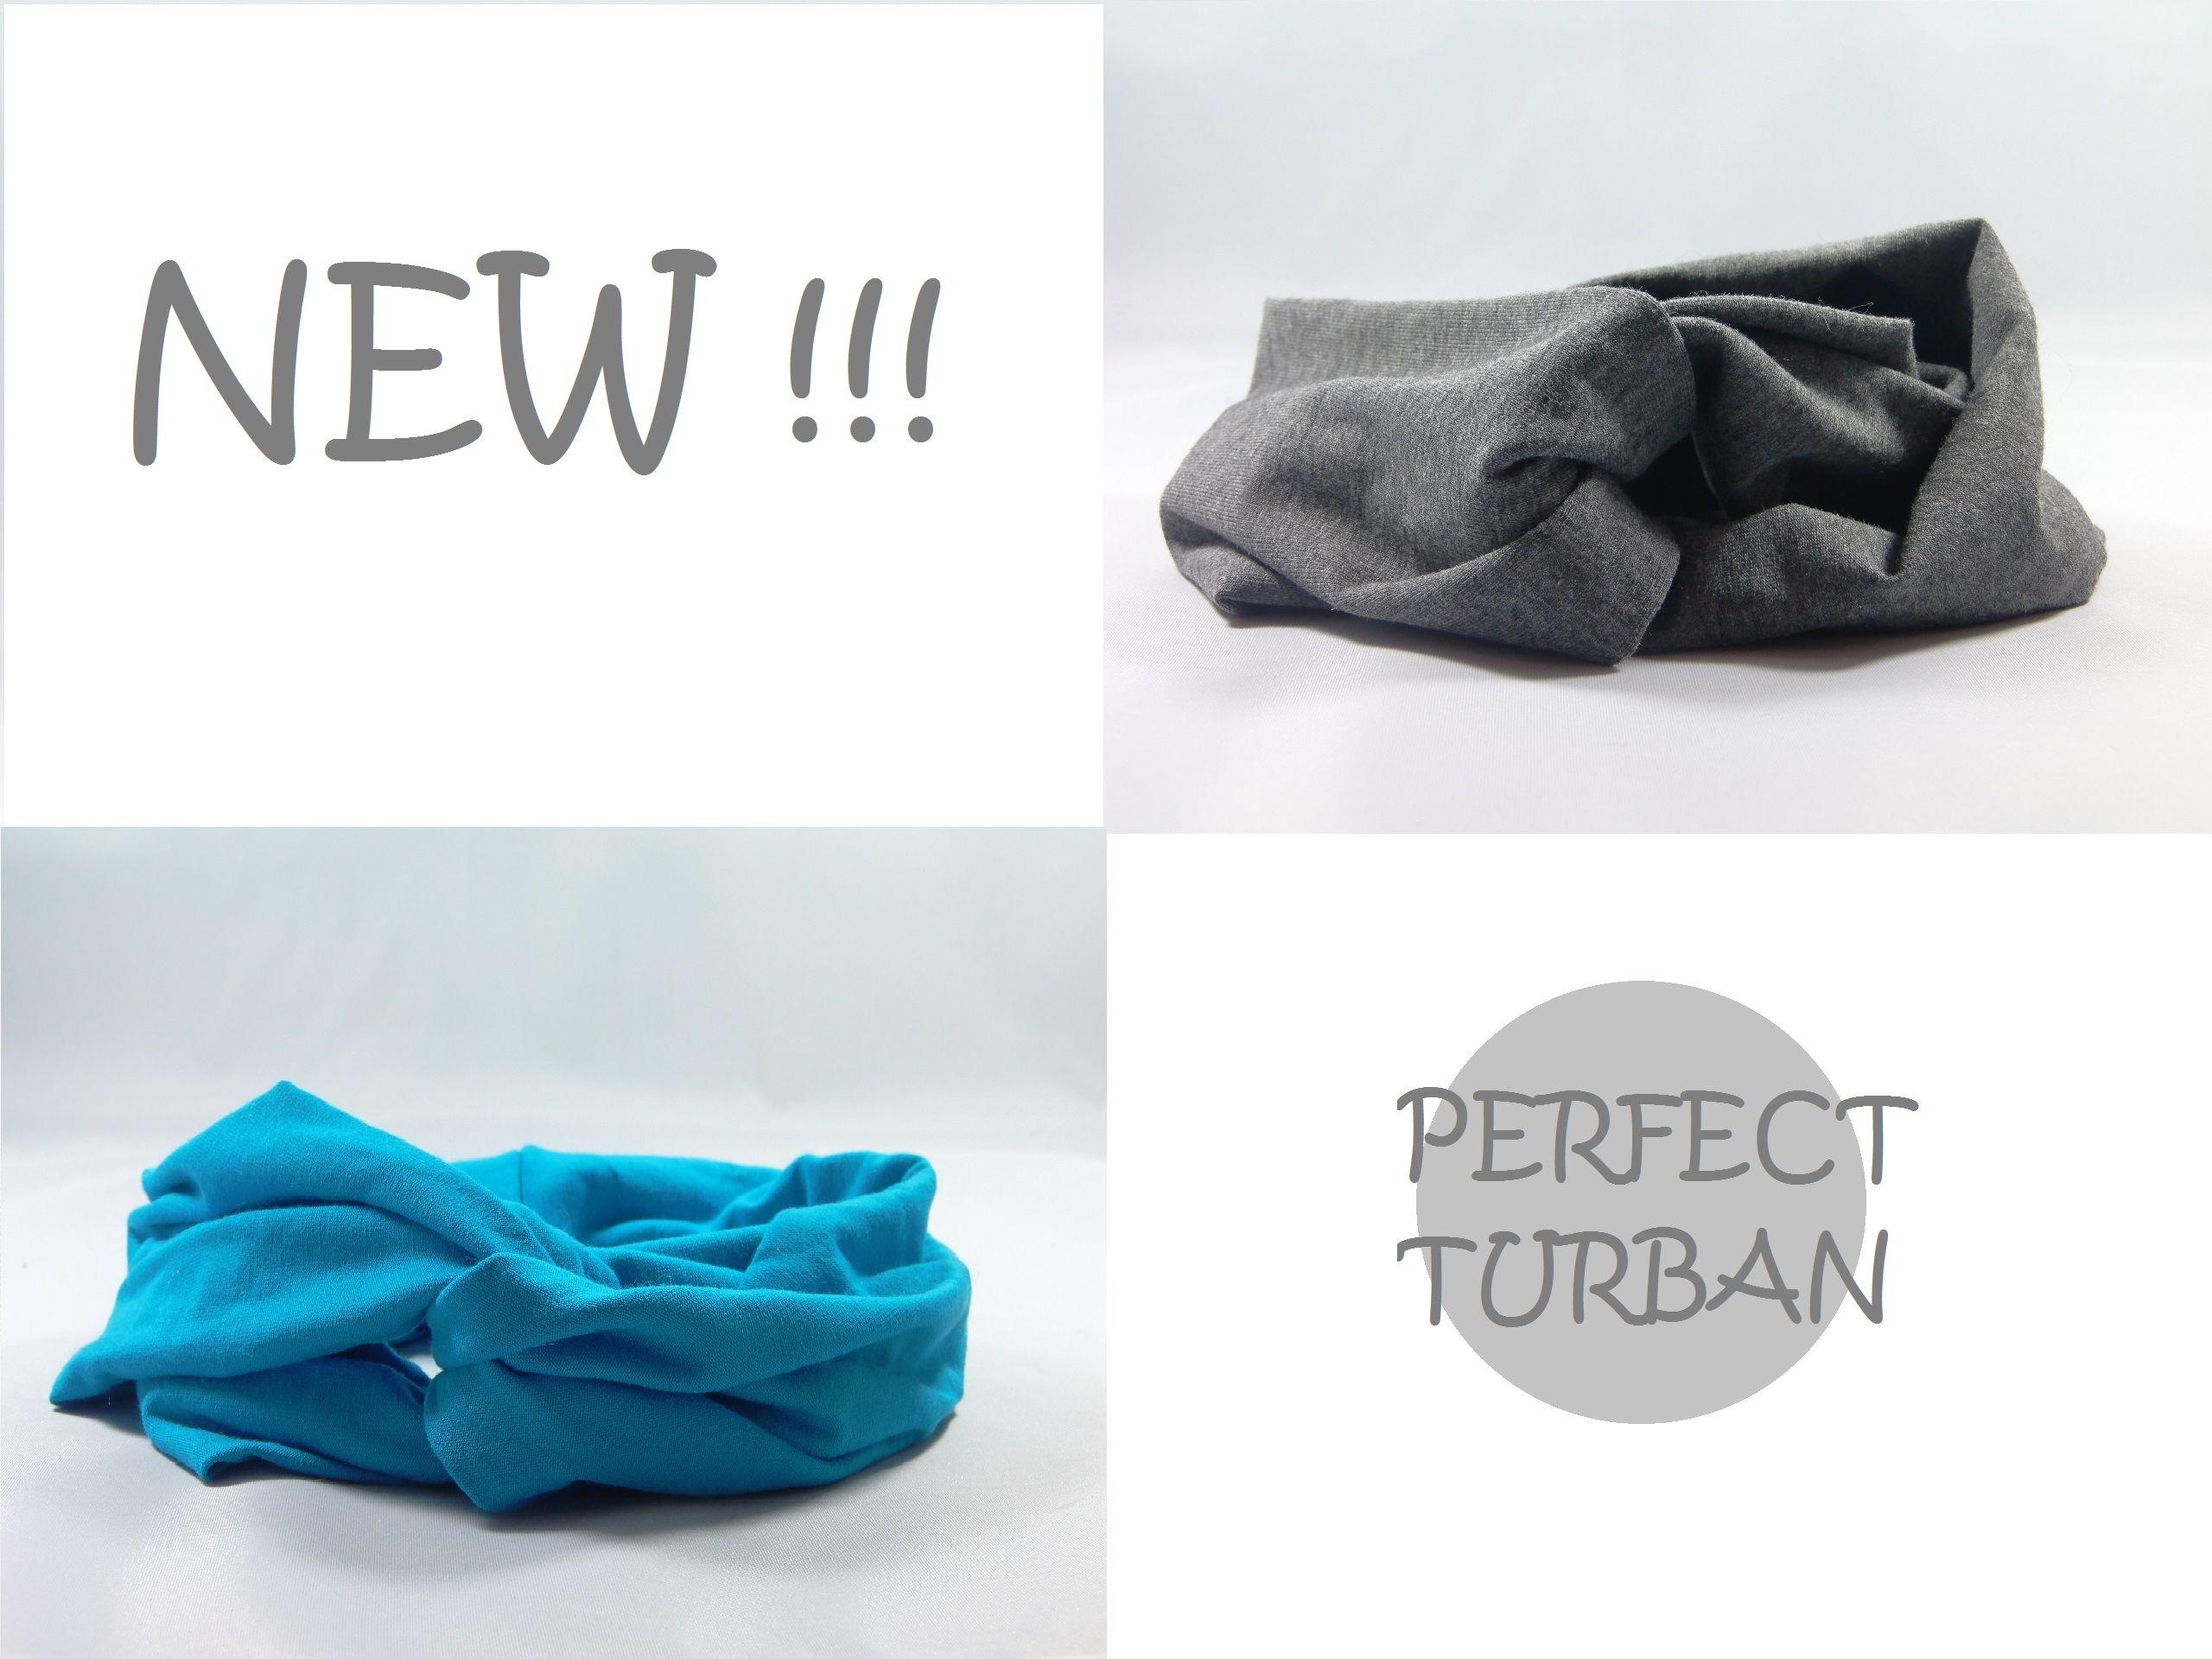 The perfect turban.